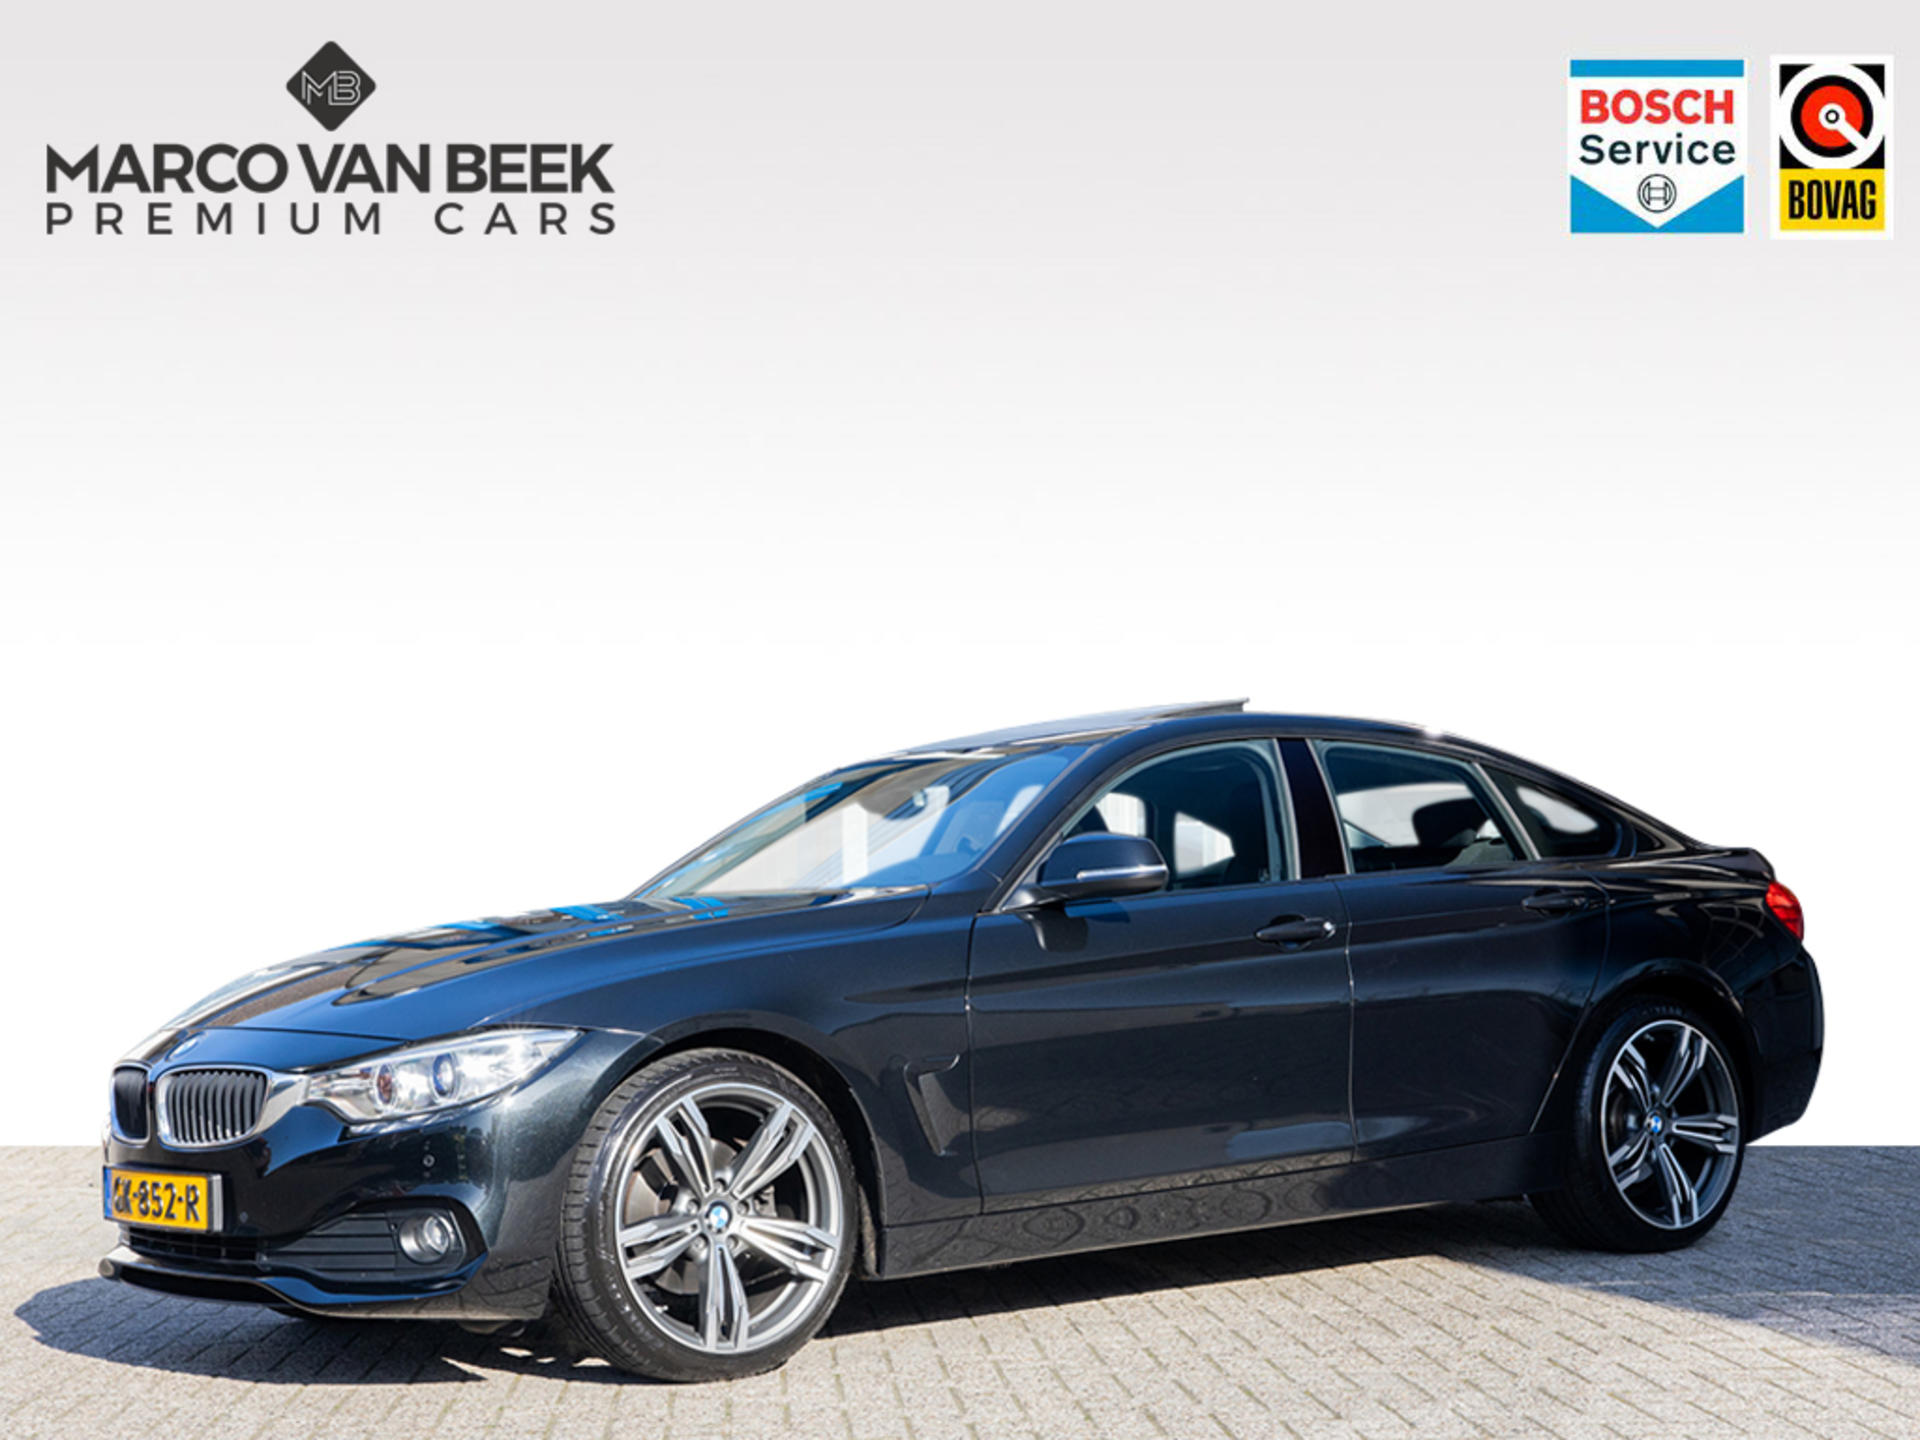 Bmw 4 serie 420 d gran coupé aut. navi xenon schuifdak 19 inch